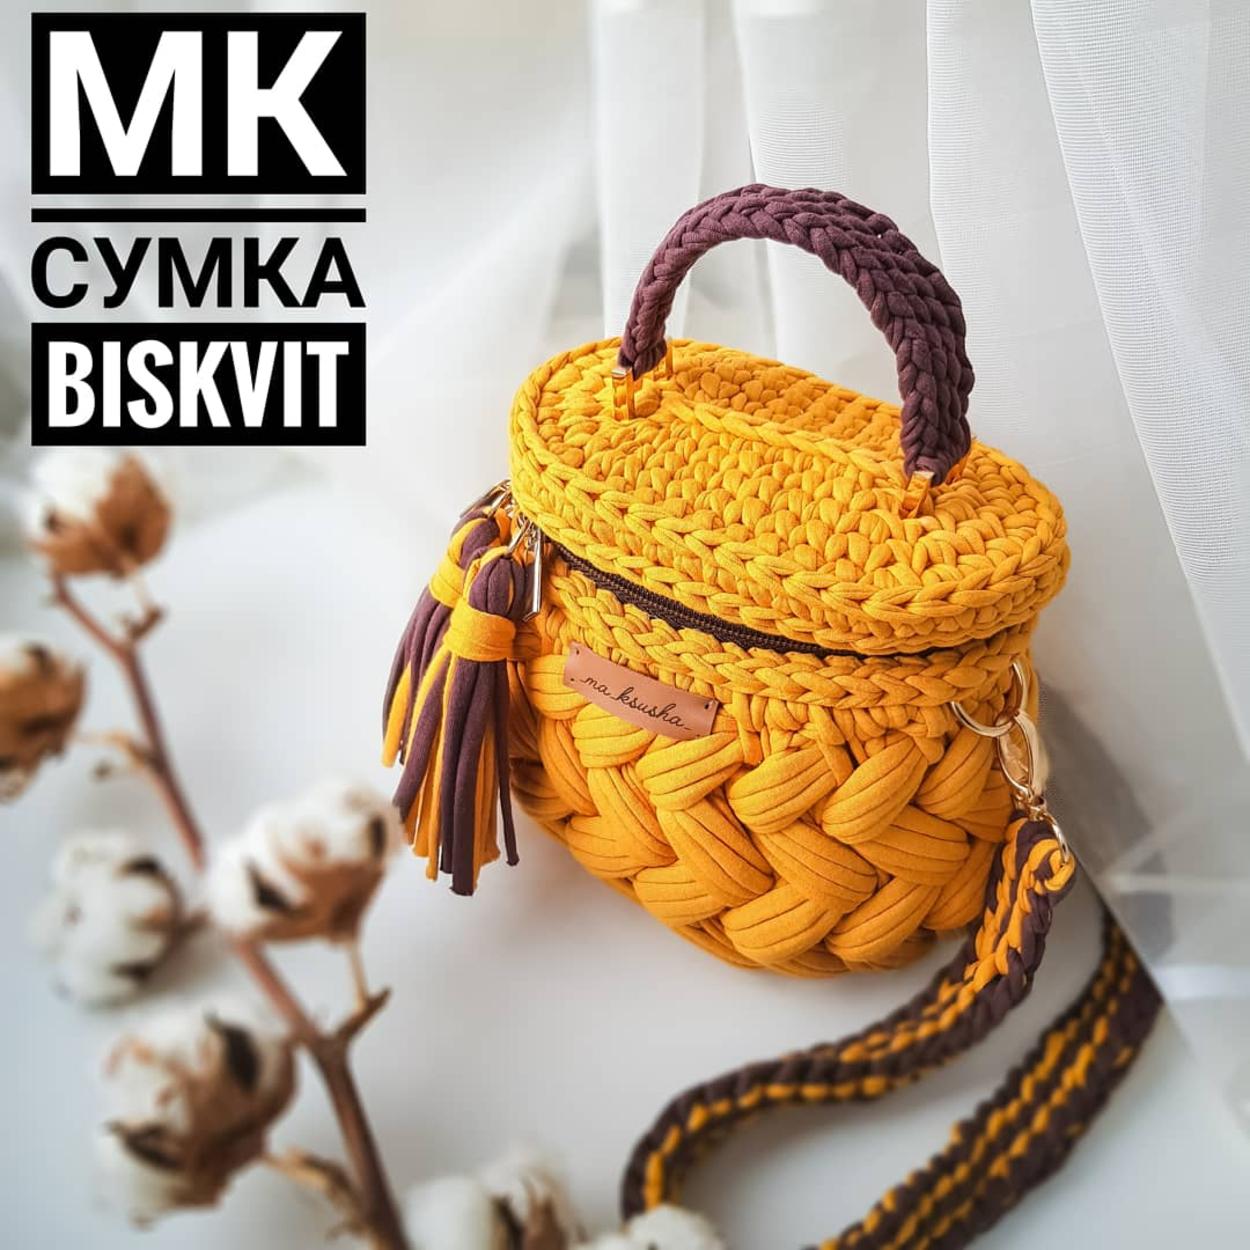 Мастер-класс Сумка Biskvit